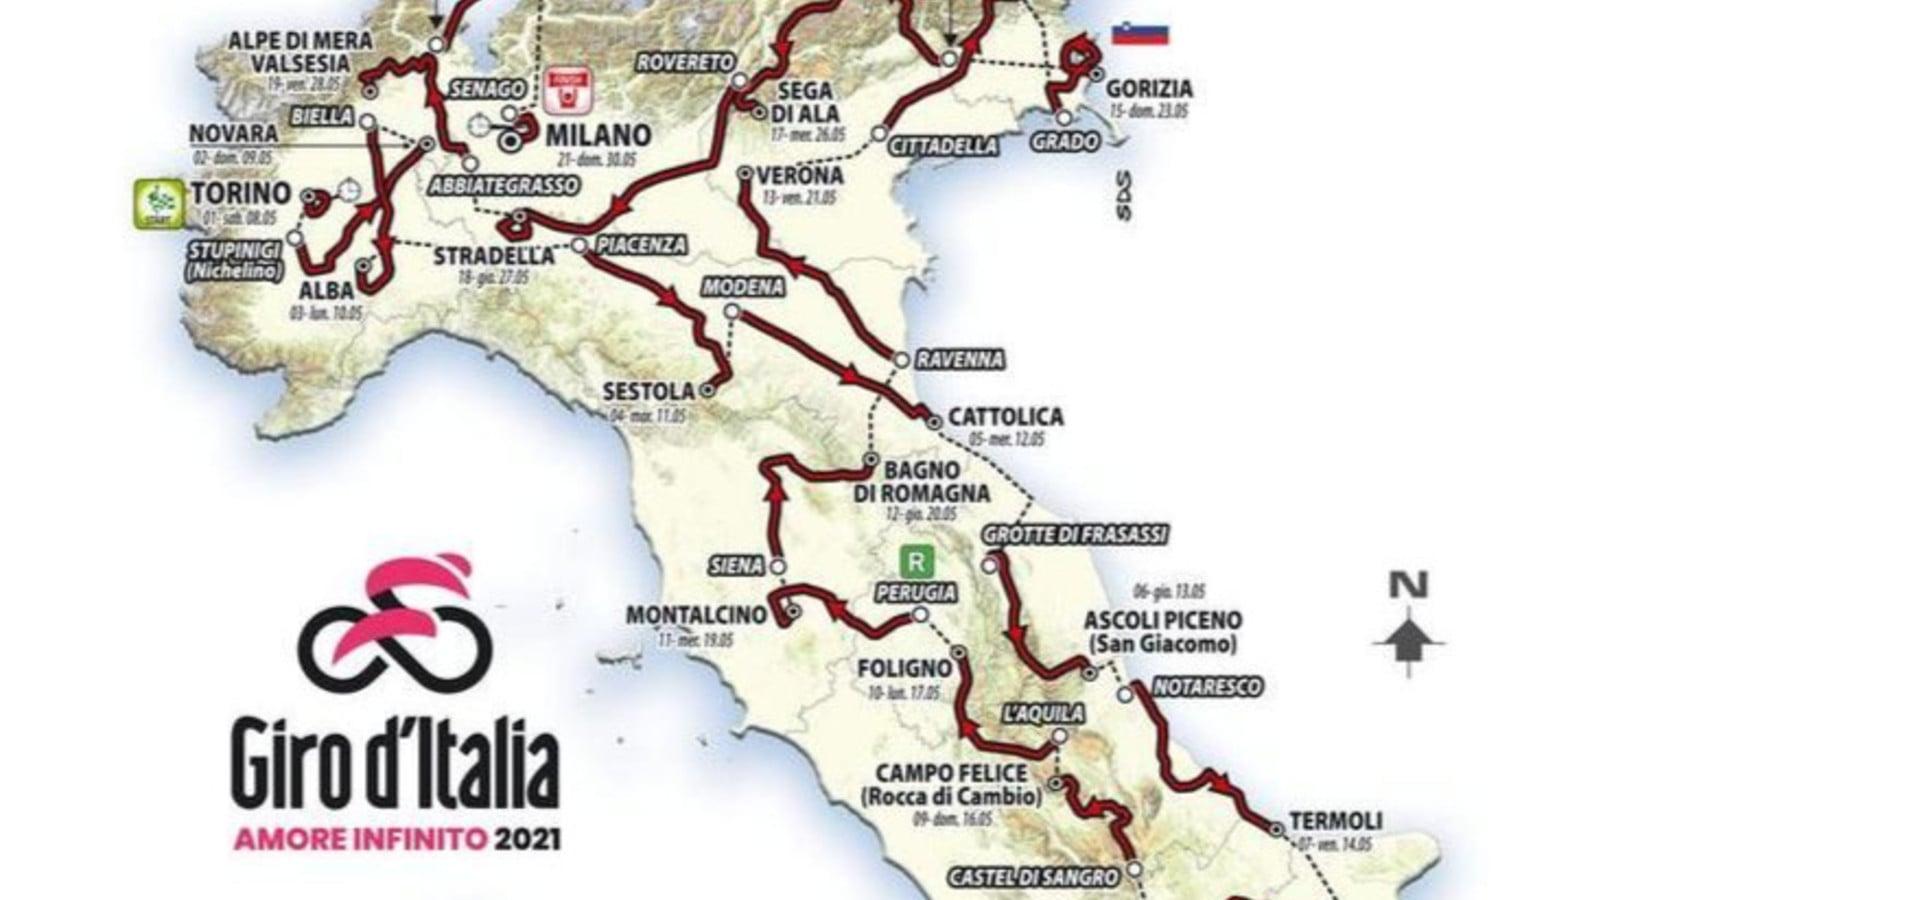 #Amoreinfinito sulle Dolomiti | il 24.05.21 il Giro d'Italia passa per Arabba!